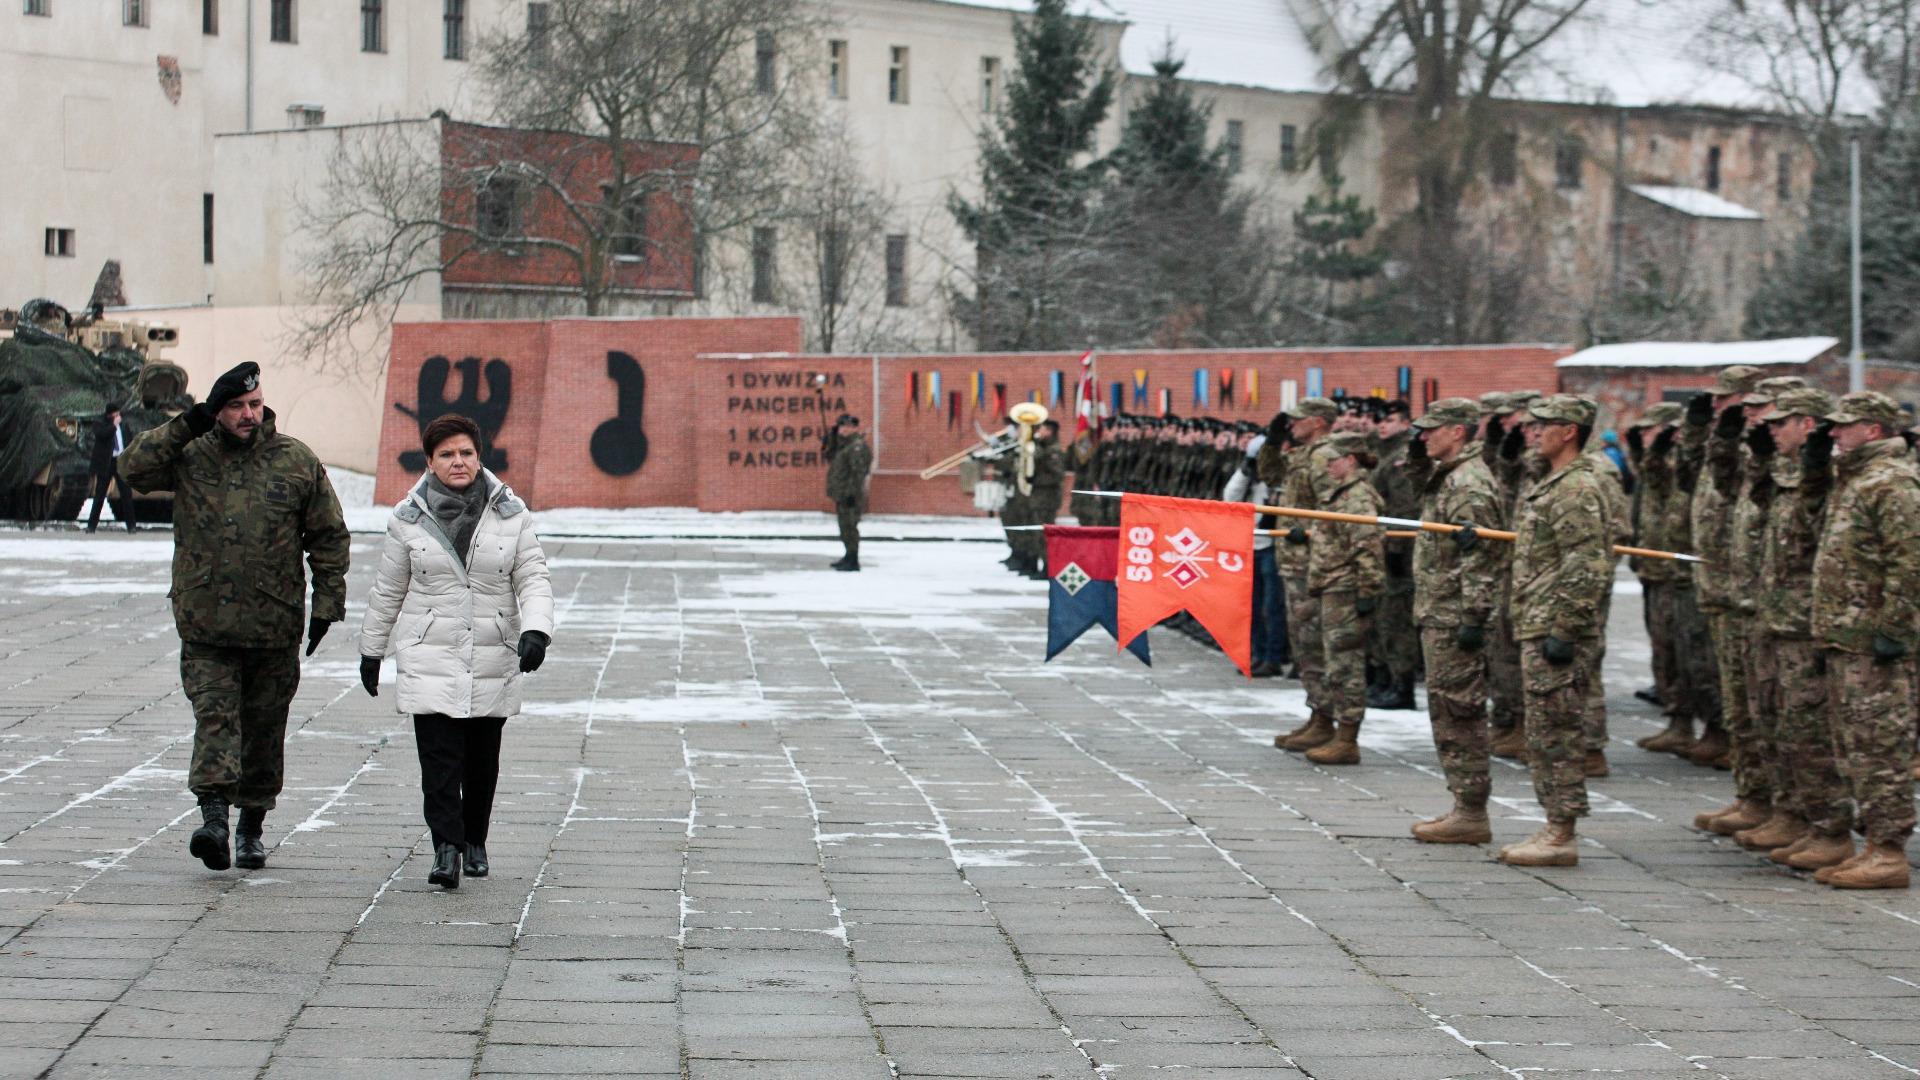 Премиерът на Полша, Беата Шидло, приема американски военни сили в Полша